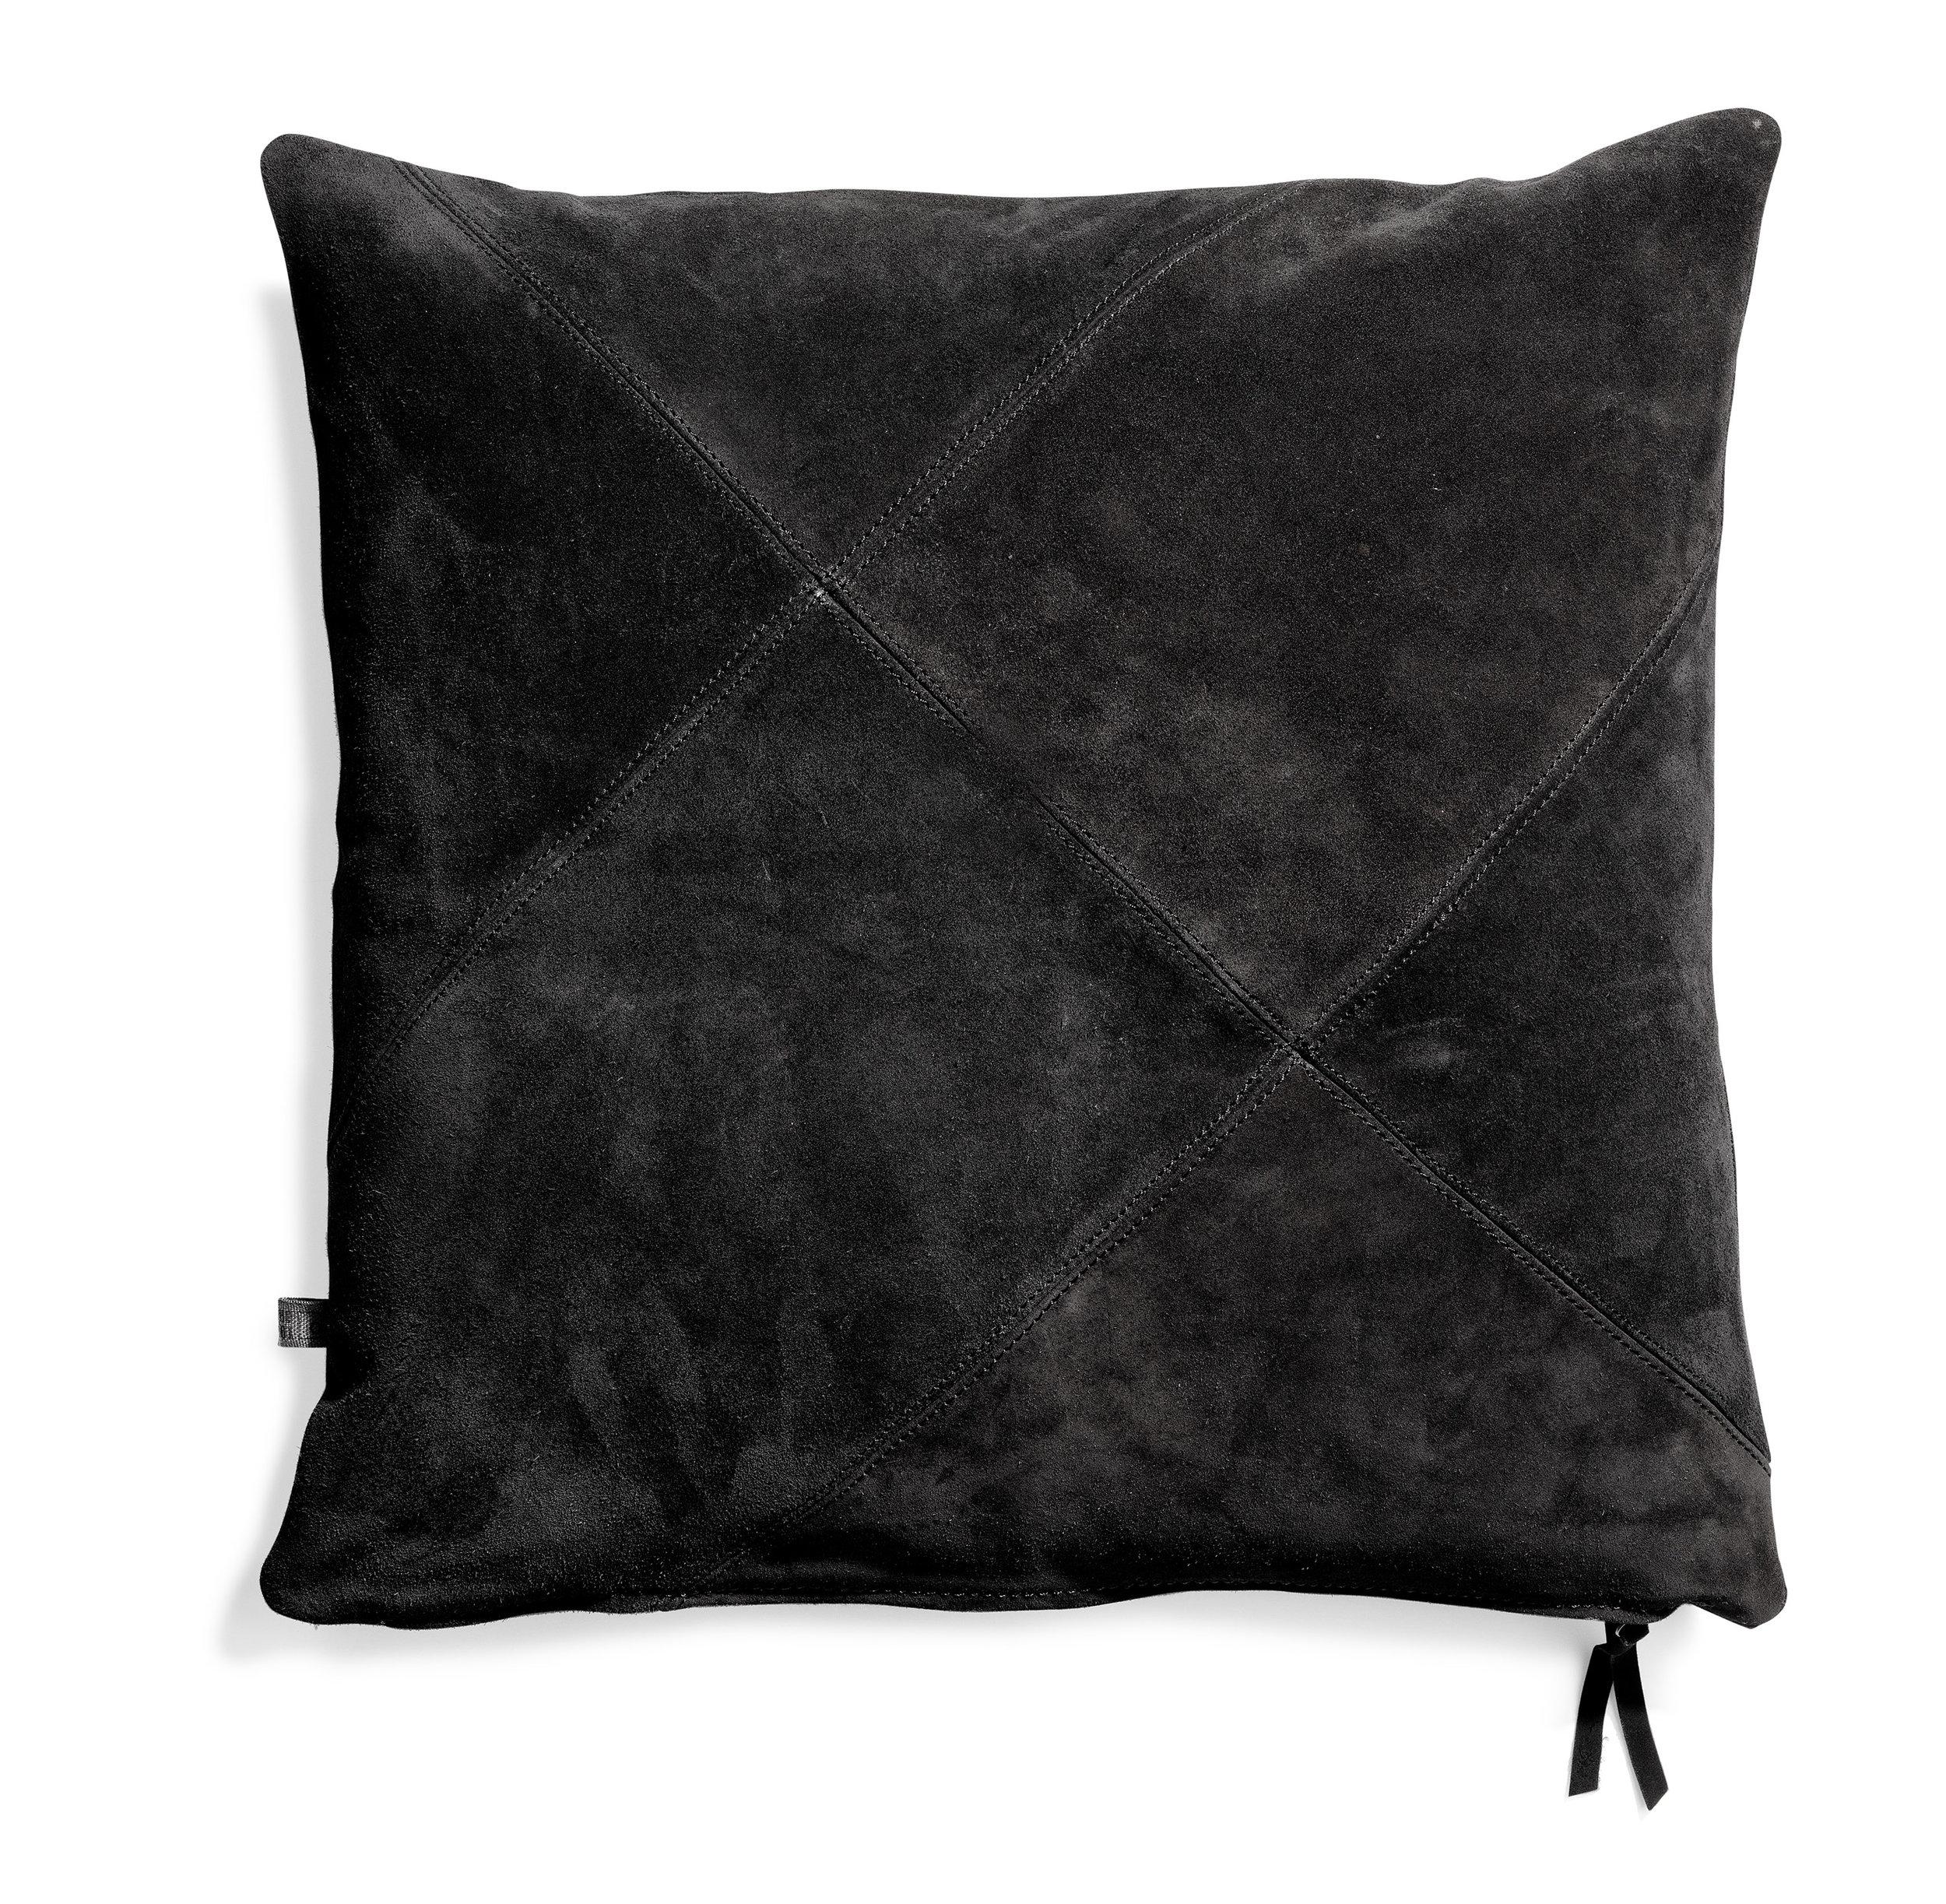 Rafety cushion Black suede 50x50  Wrigley cushion Black suede 60x60  Banf cushion Black 70x70